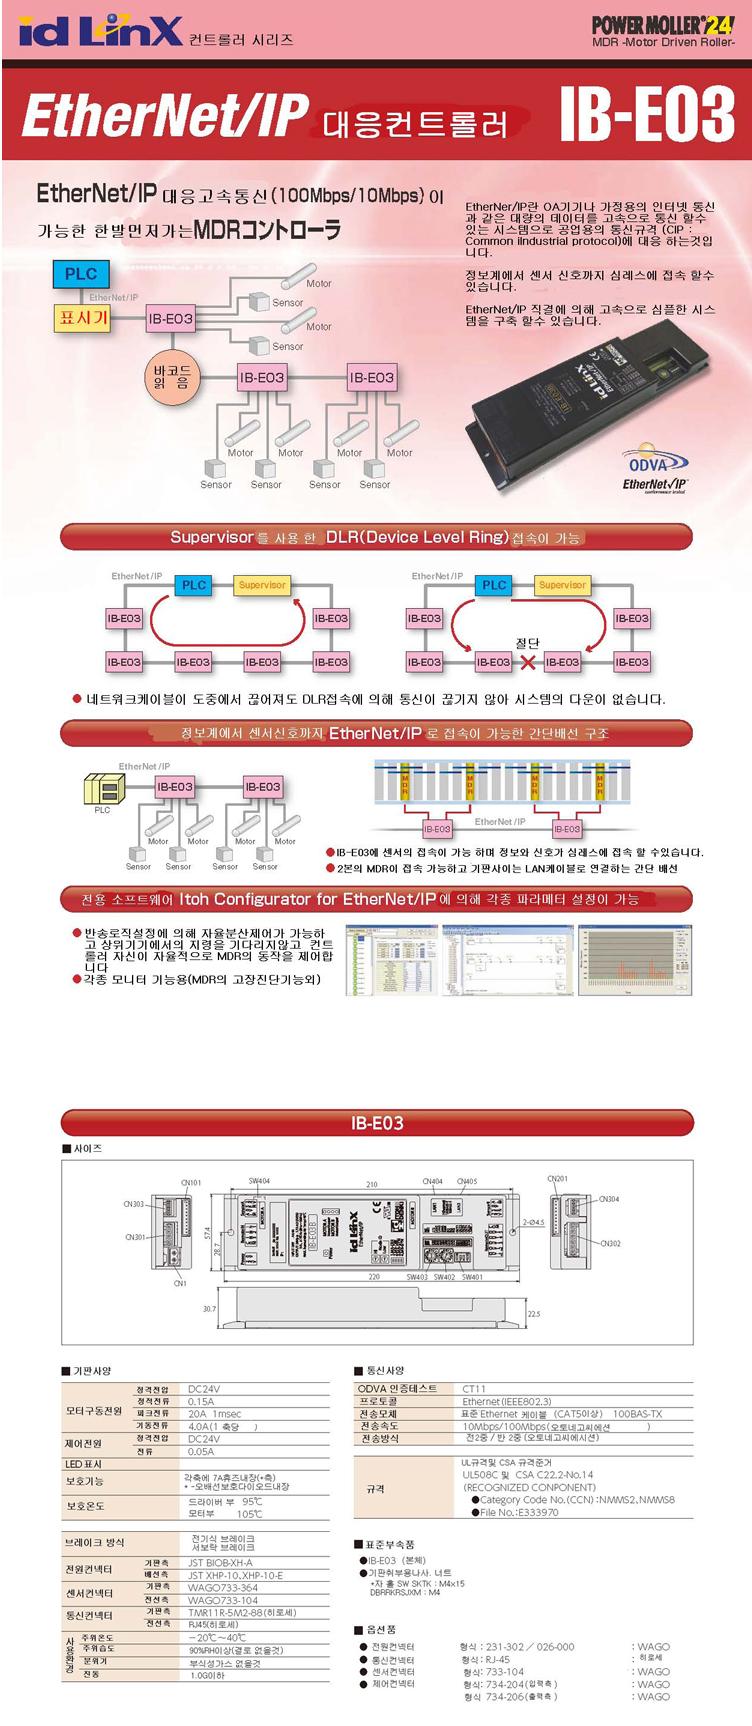 (주)은현산업 EtherNet/IP 대응컨트롤러 IB-E03